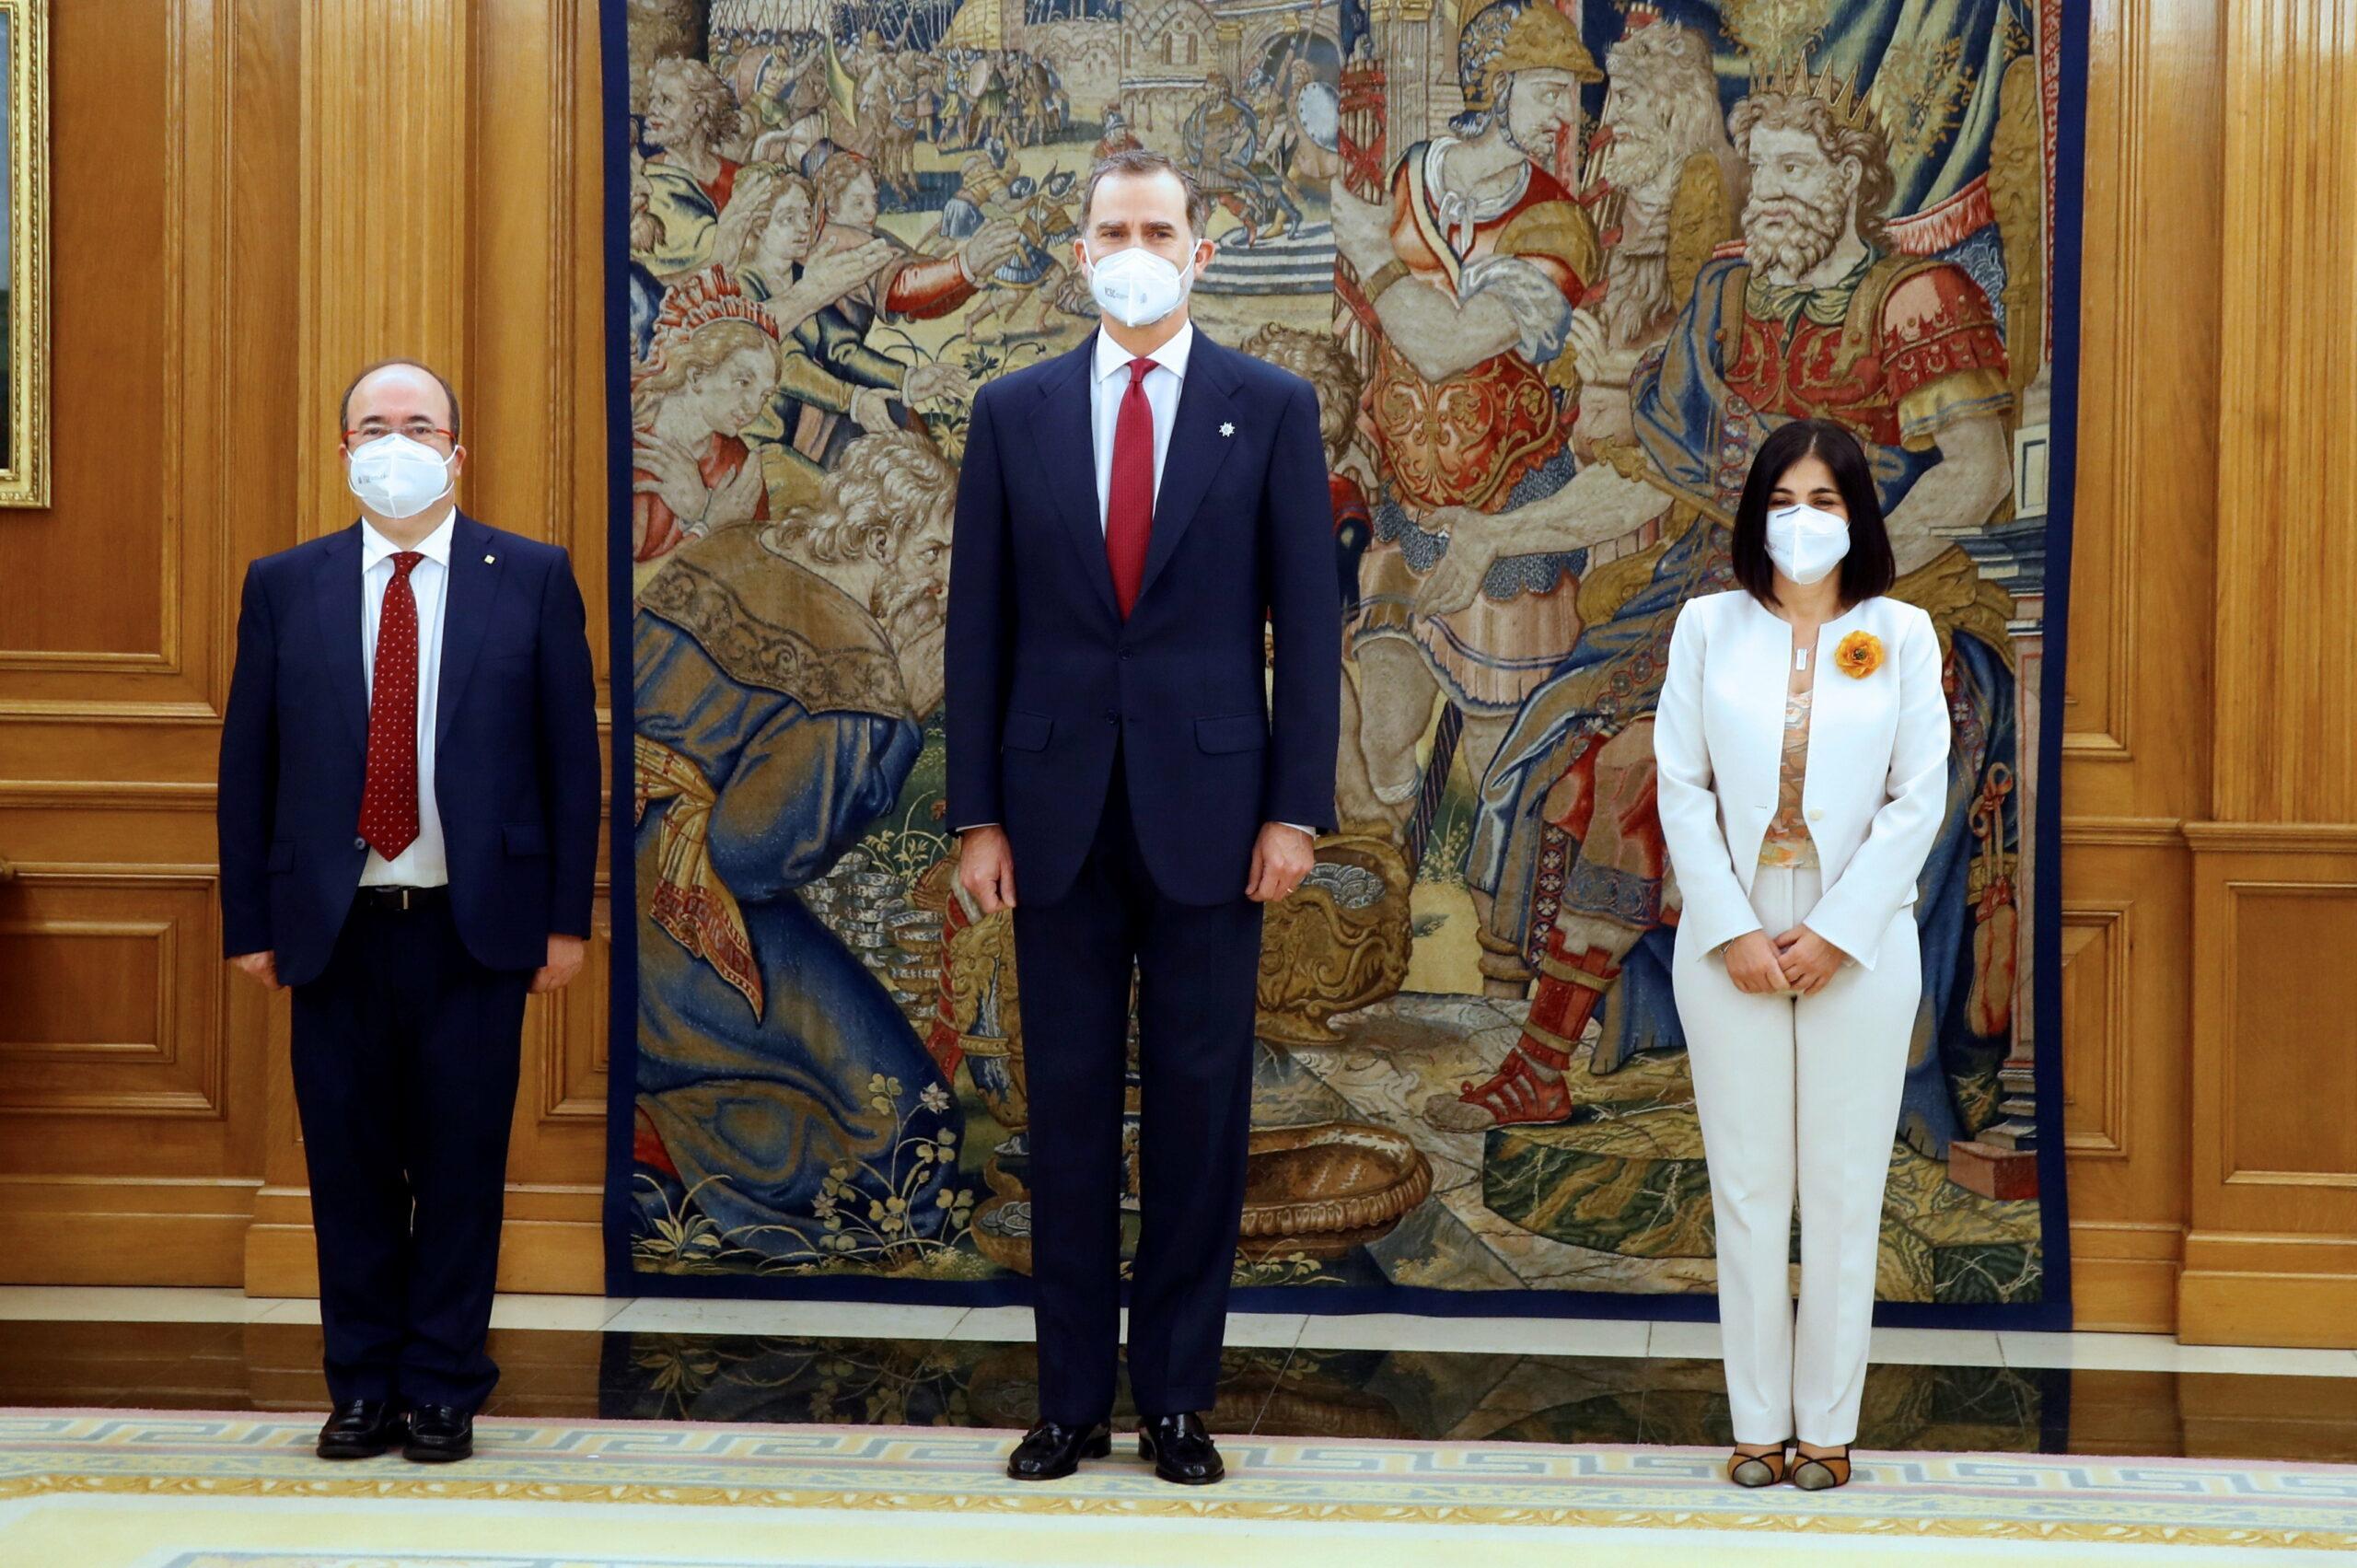 El ministre de Política Territorial, Miquel Iceta; Felip VI i la ministra de Sanitat, Carolina Darias, a l'acte de presa de possessió al Palau de la Zarzuela | ACN